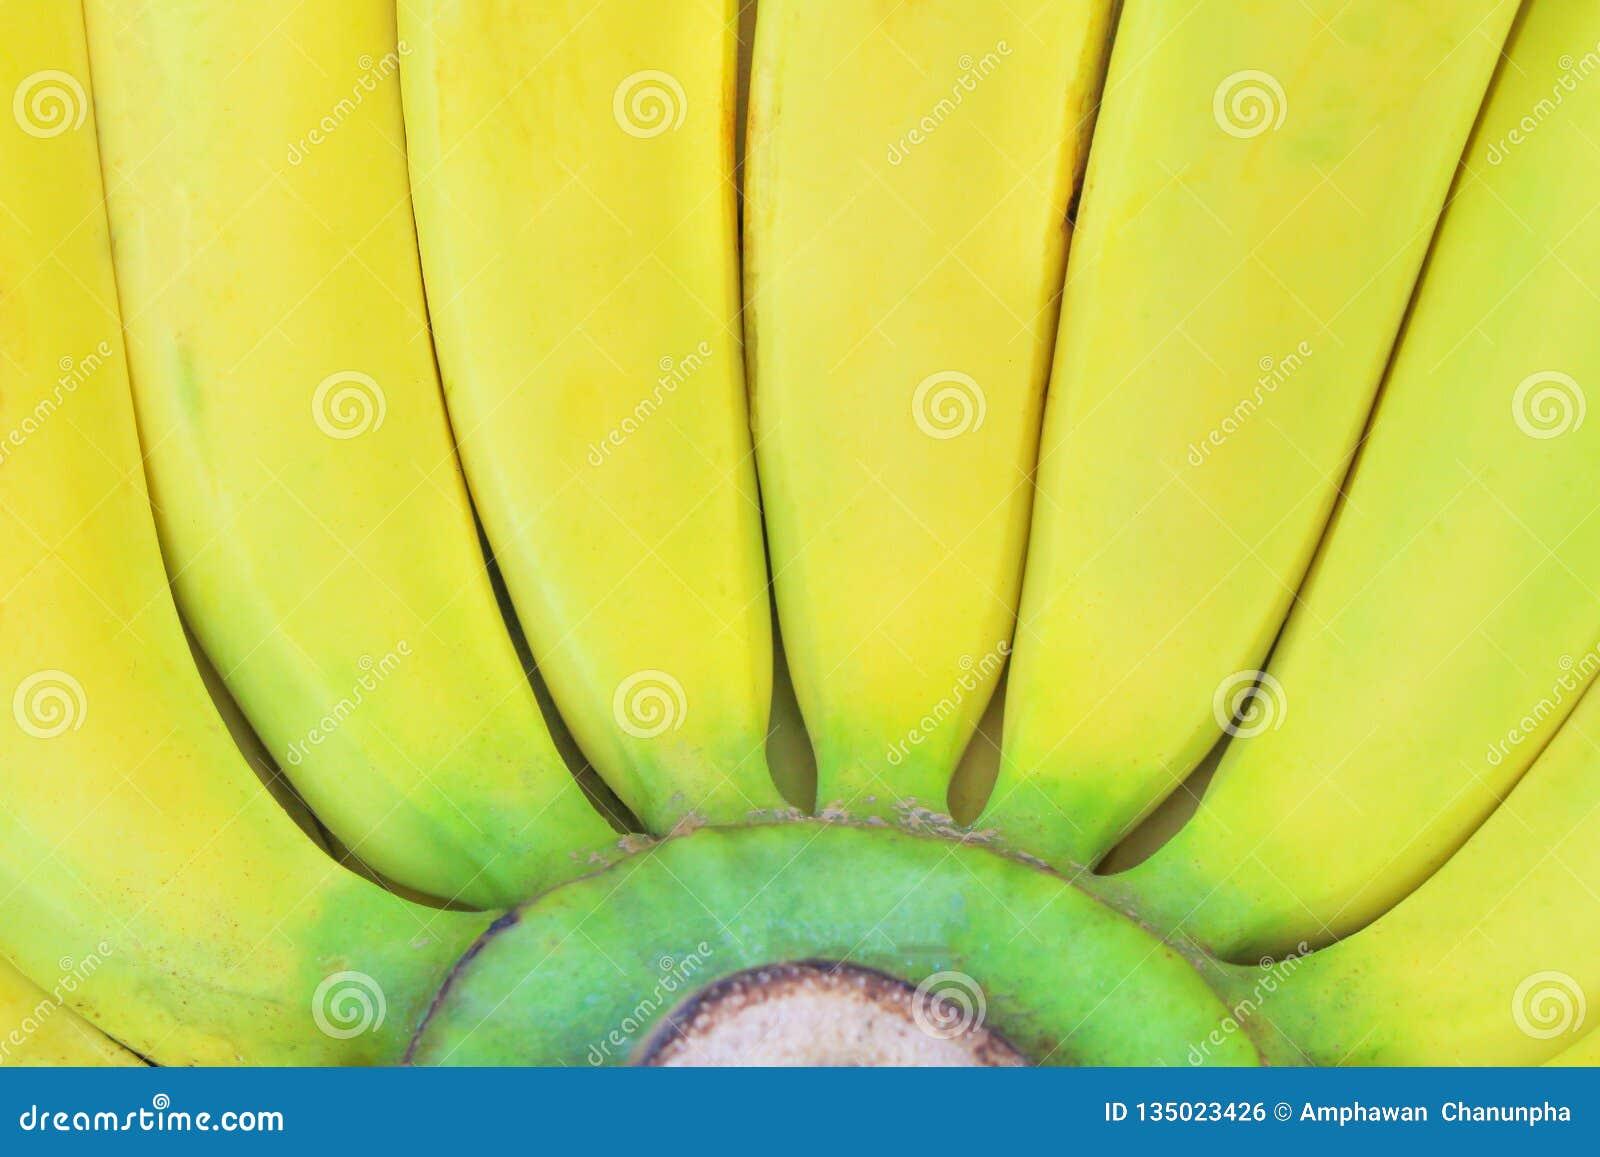 Slut upp ny gul bananbakgrund Gros Michel